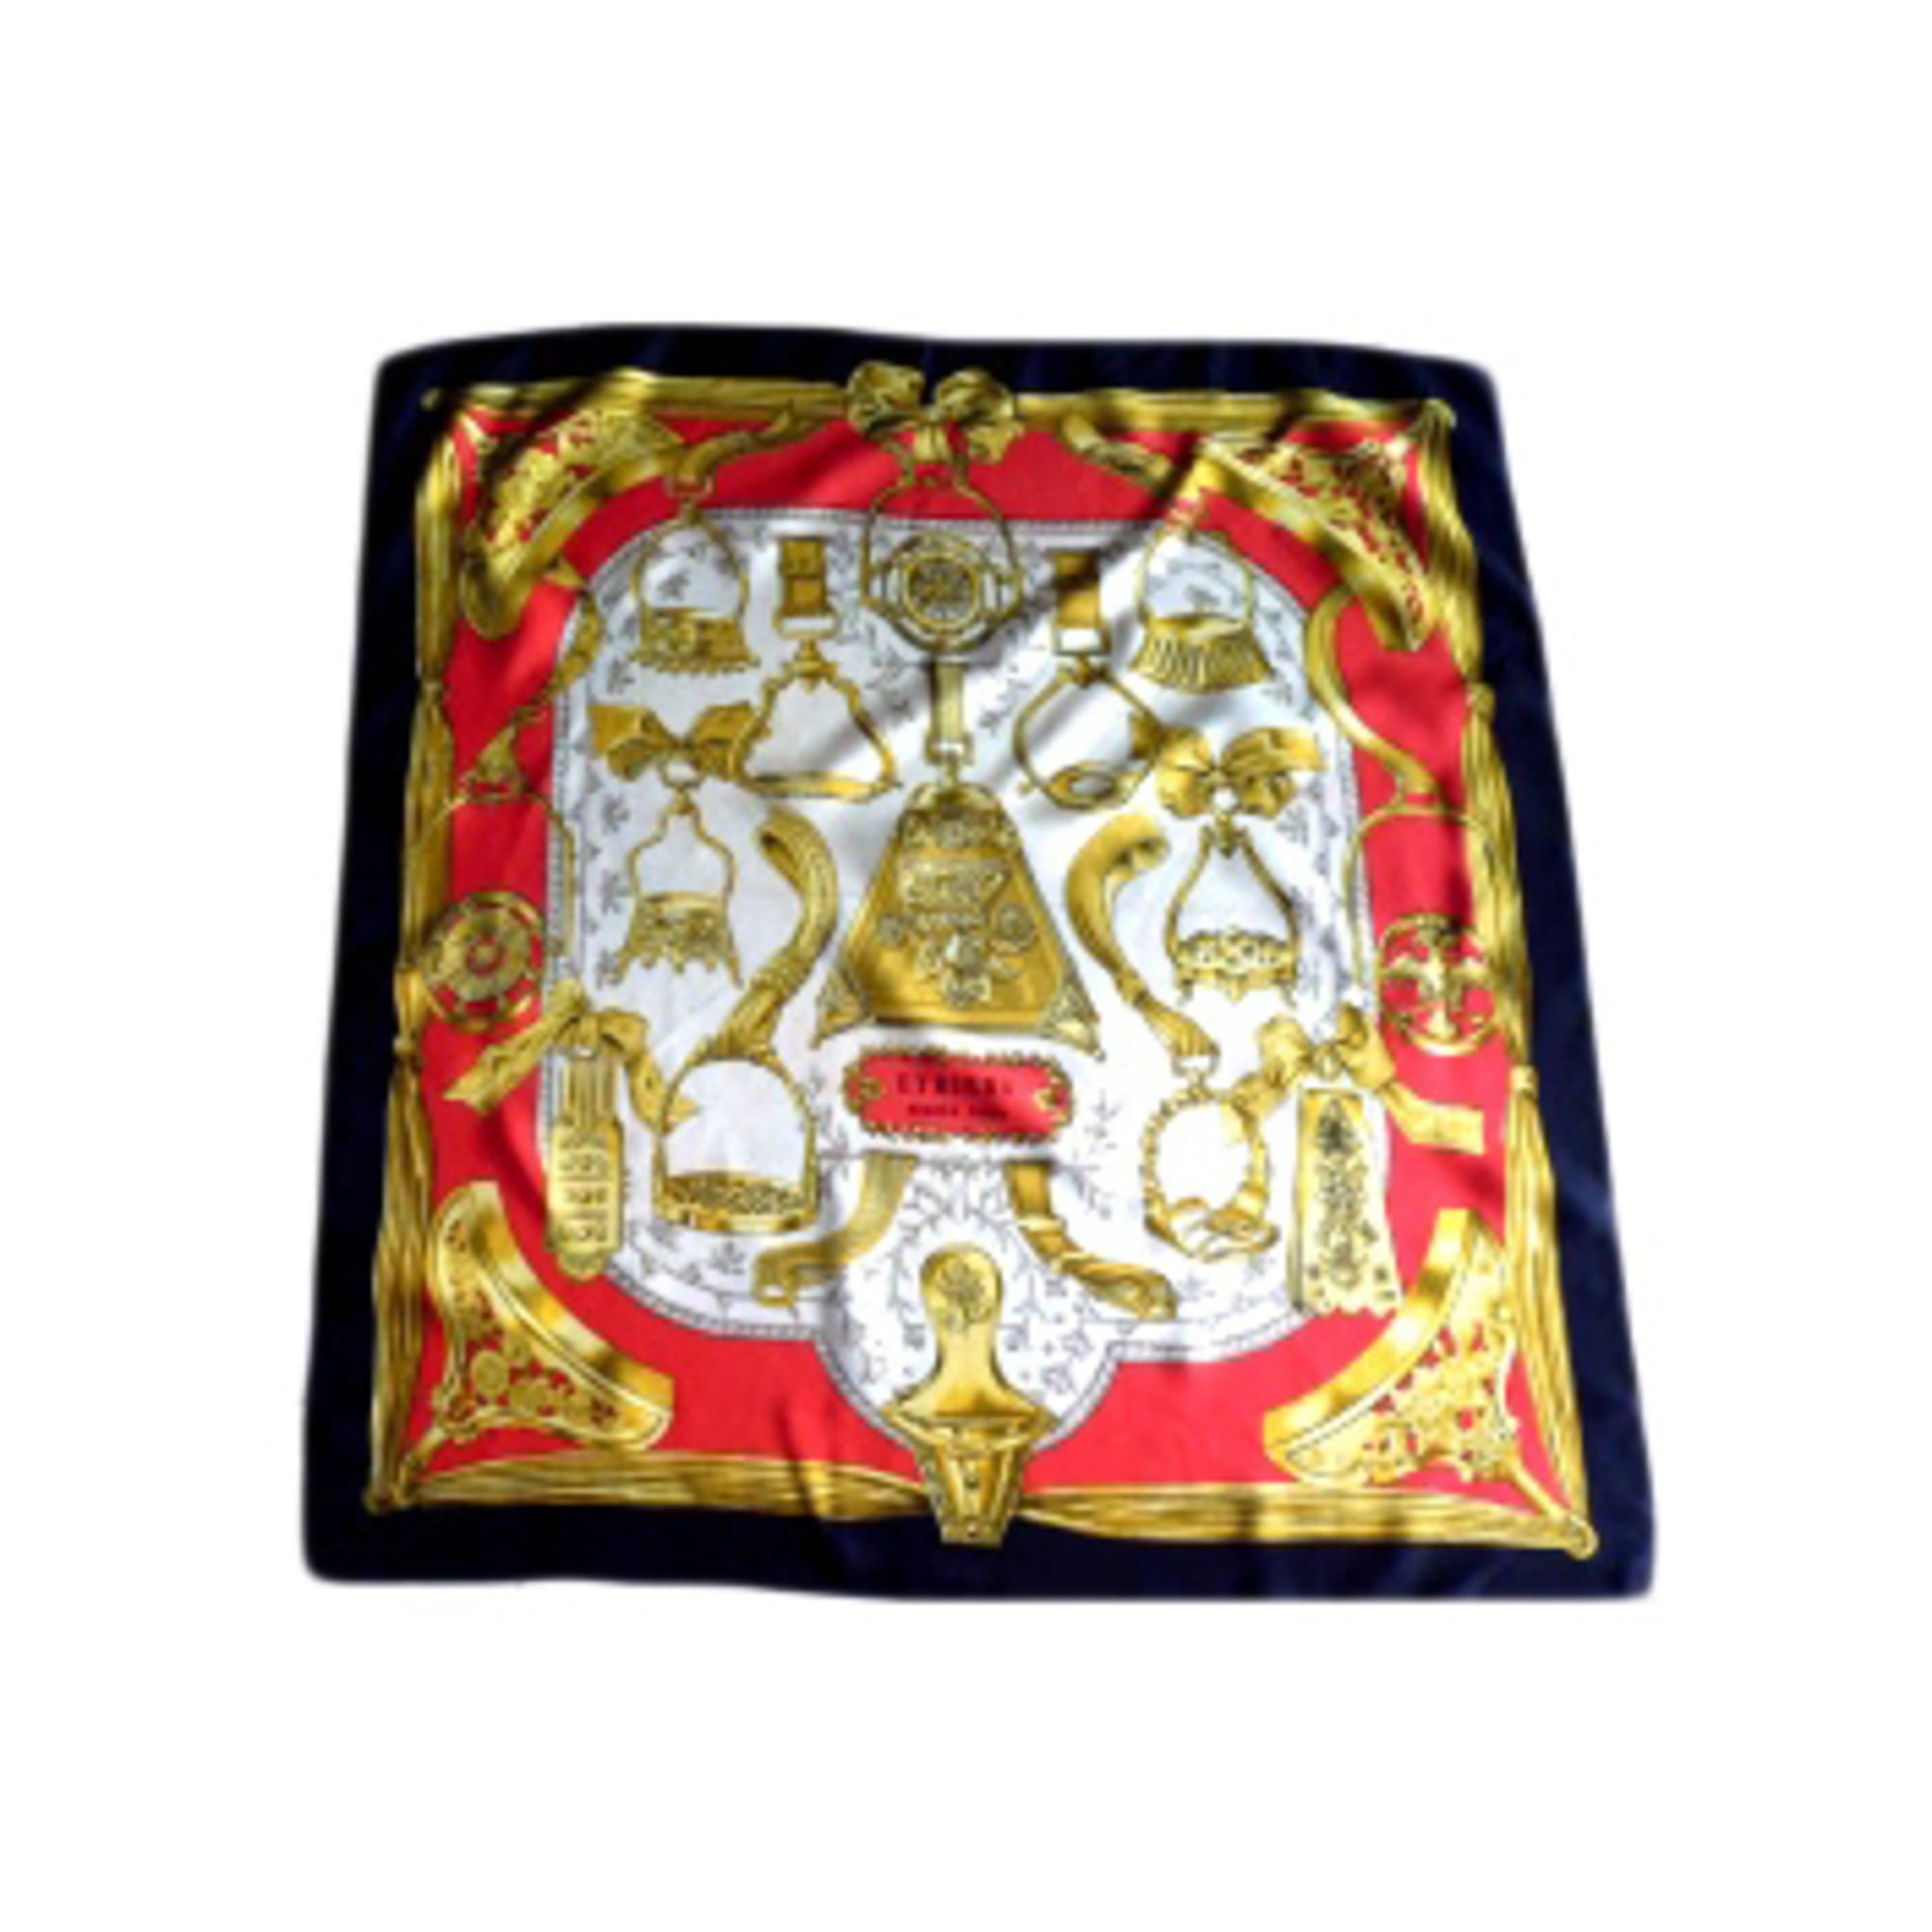 Foulard HERMÈS multicouleur vendu par Joëlle 1355134 - 1796054 cc24c13848b